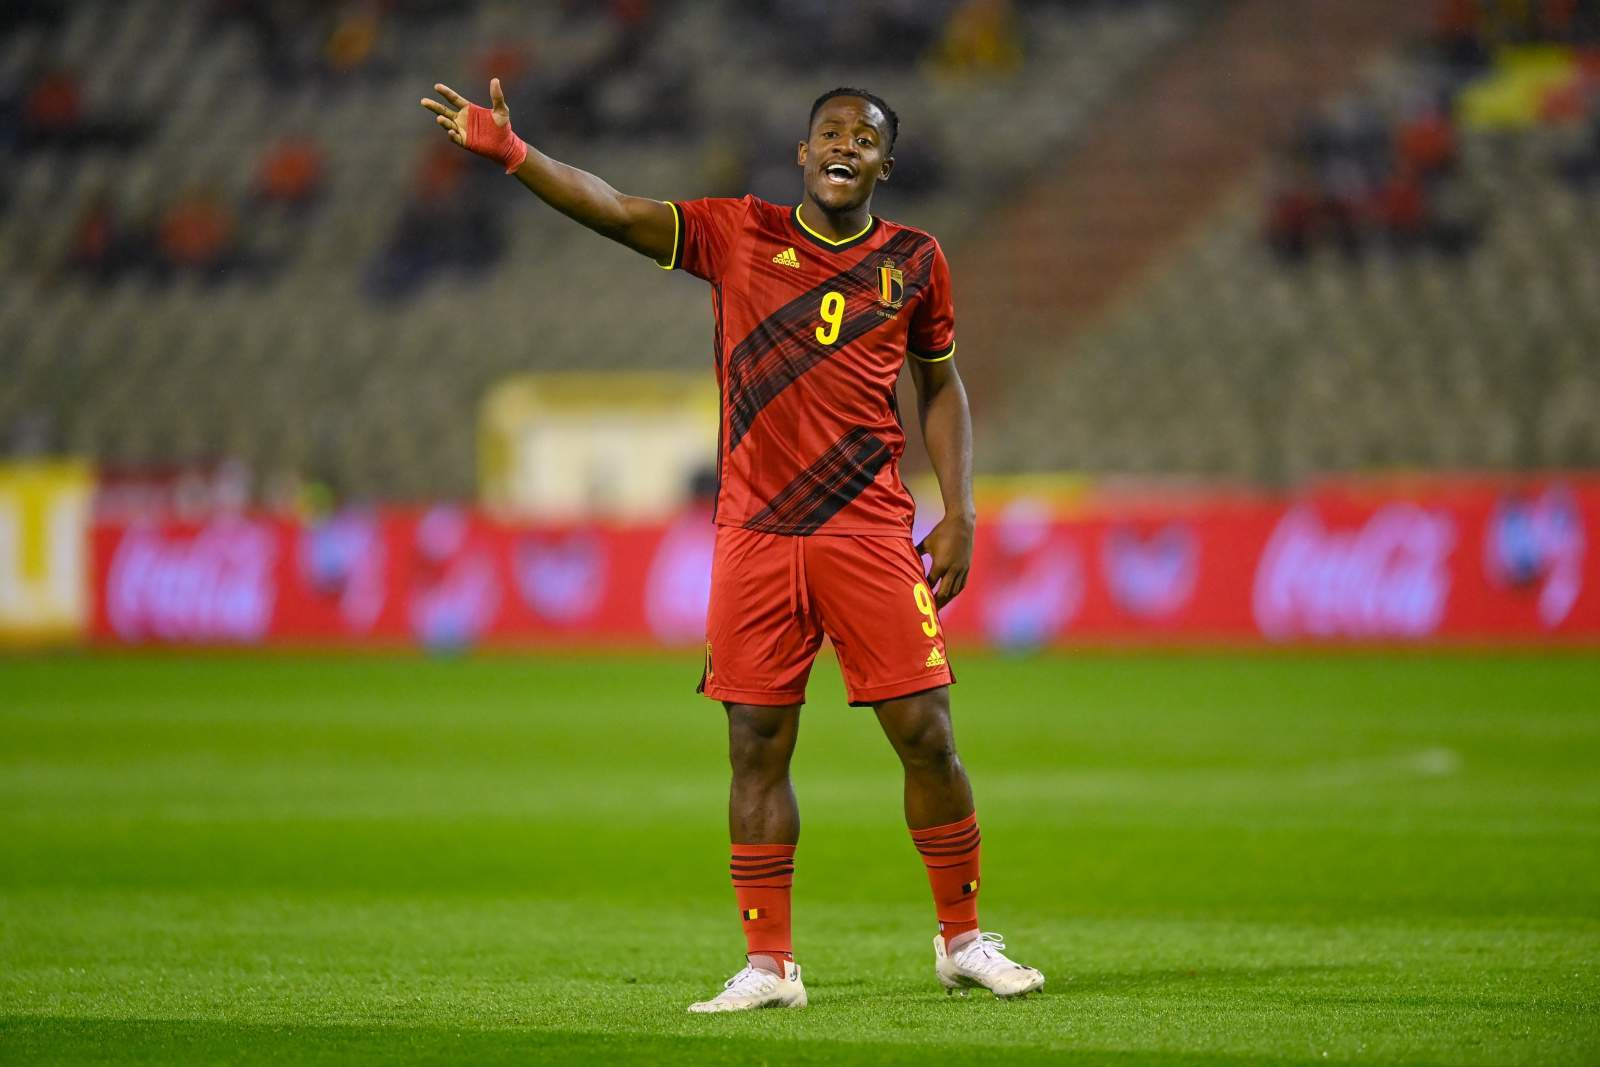 Бачуйаи: «В сборной Бельгии ощущаю доверие главного тренера, чего у меня нет в клубе»